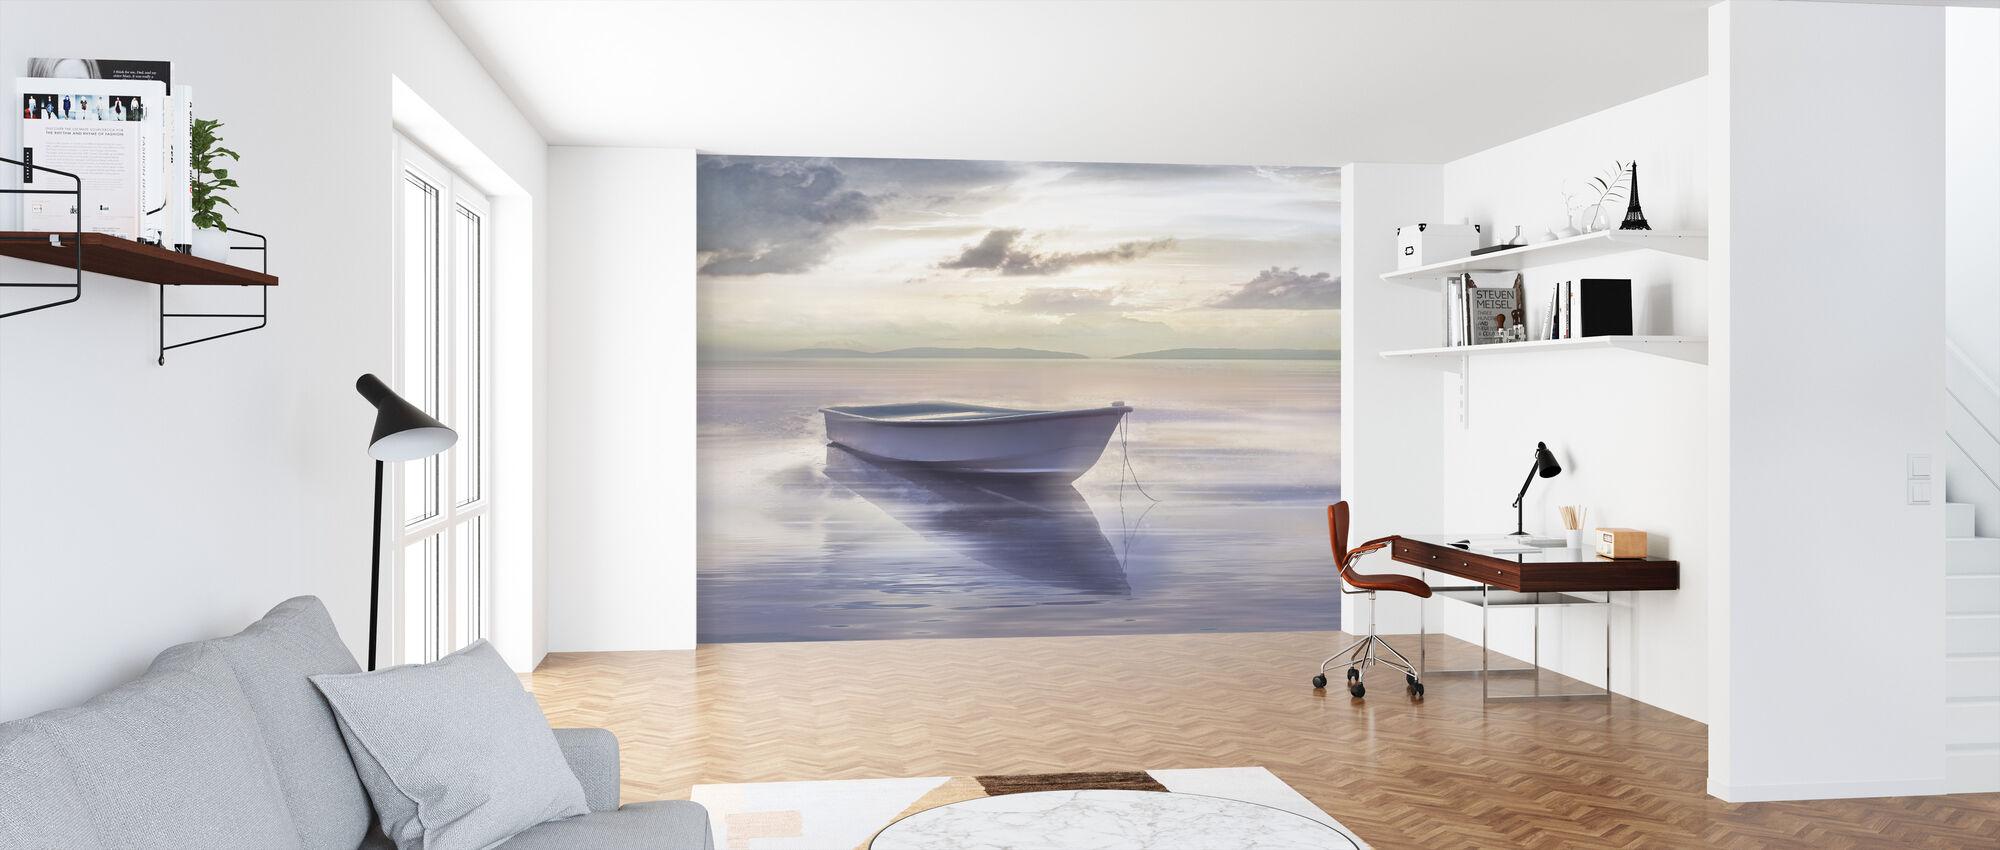 Rowbot on Still Water - Wallpaper - Office